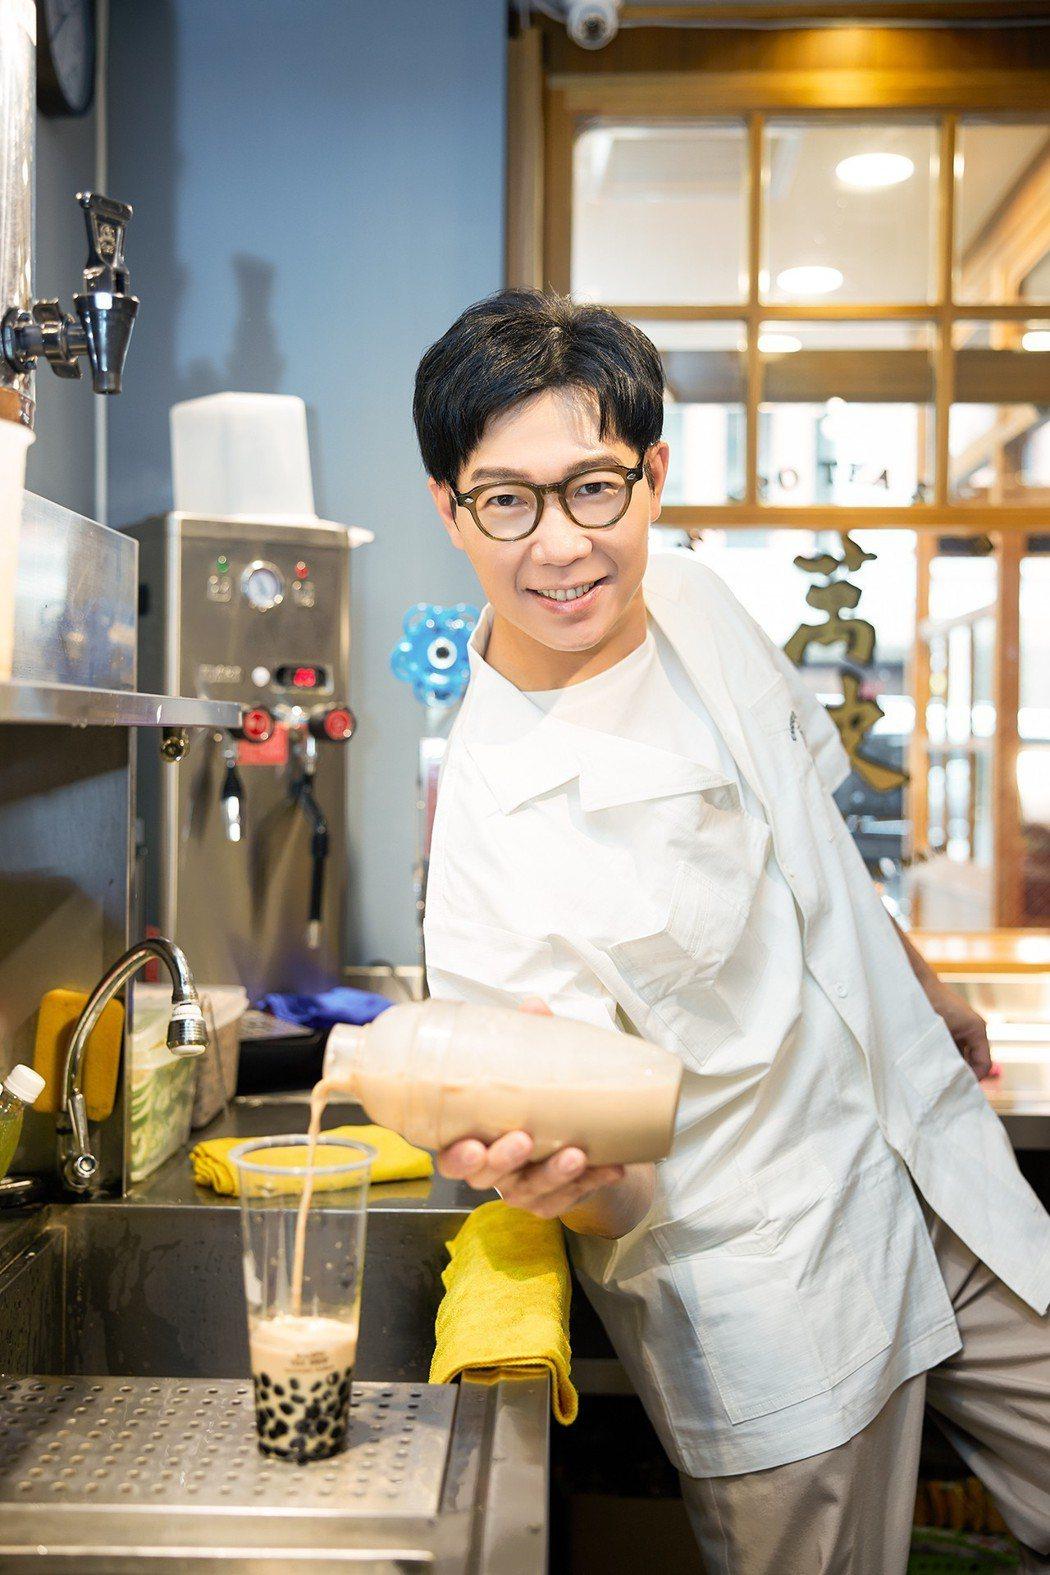 品冠為新歌「珍珠奶茶」,體驗如何做珍奶。圖/海蝶音樂提供